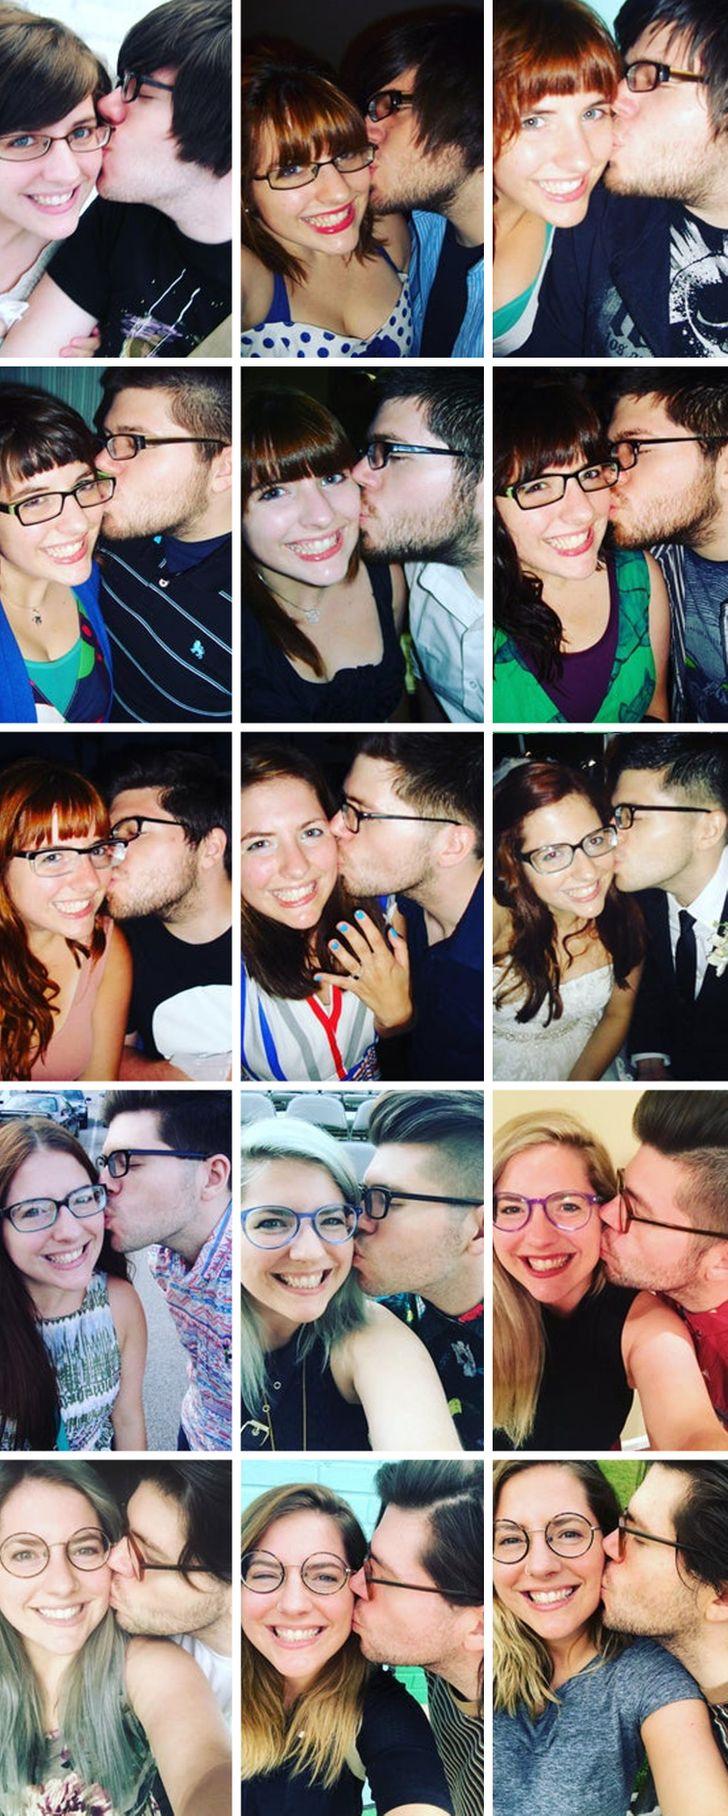 20 человек, которые своими снимками доказали: некоторые вещи в этой жизни не меняются